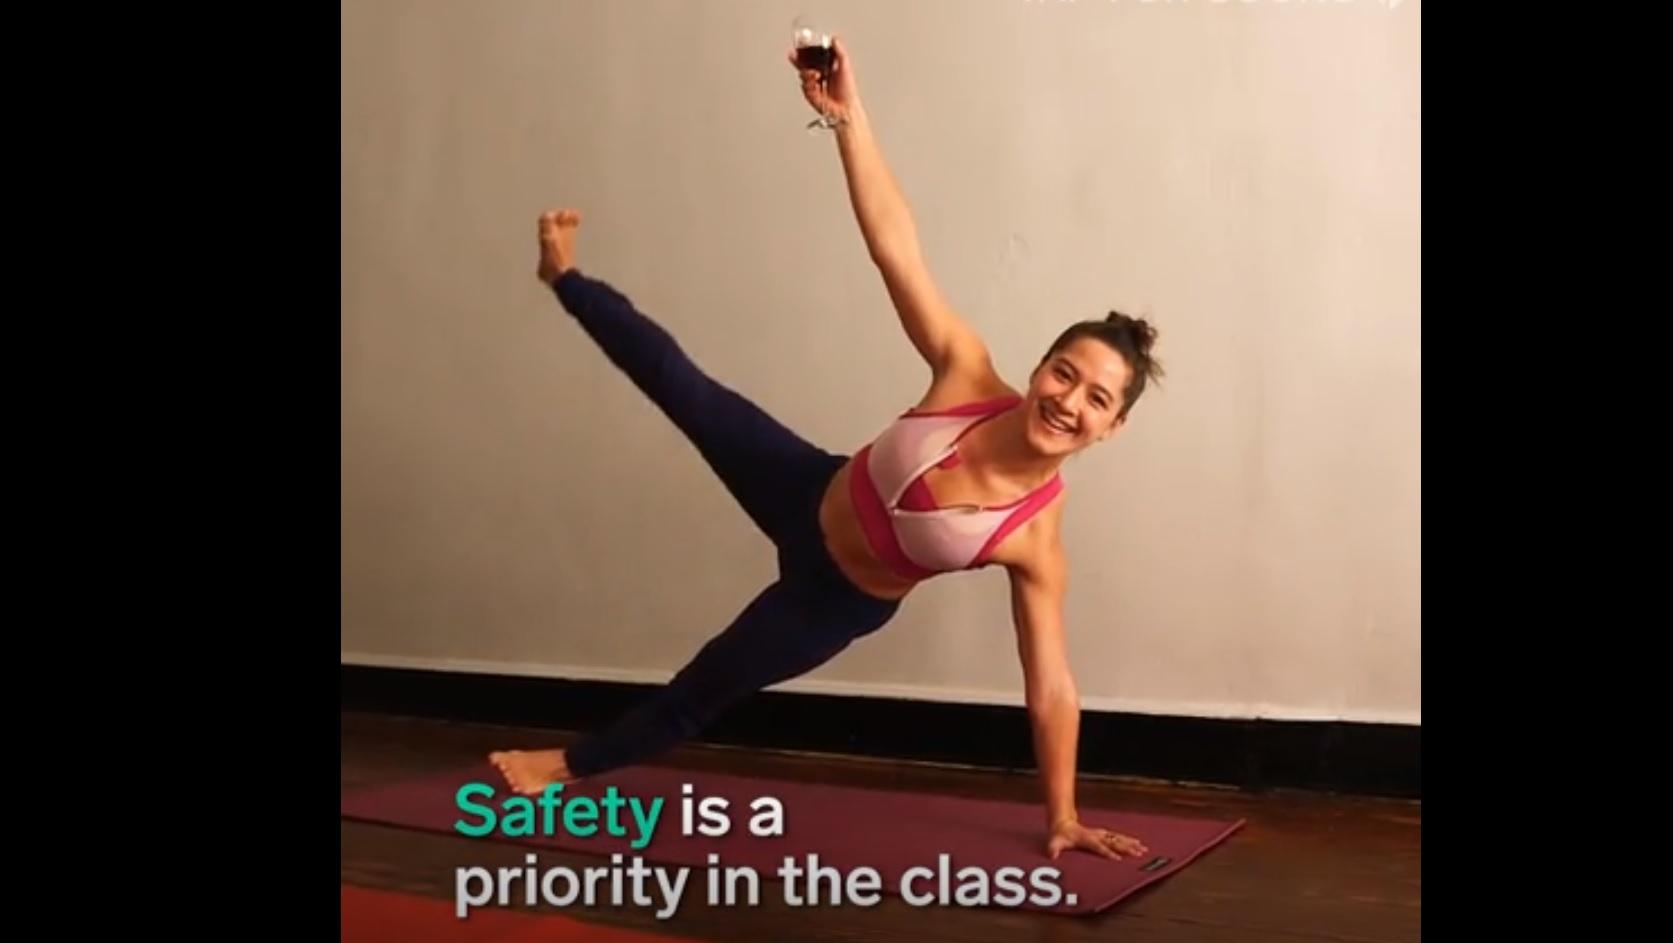 Részeg jóga: megvan az a sport, amit bátran bevállalhatsz újévi fogadalomnak